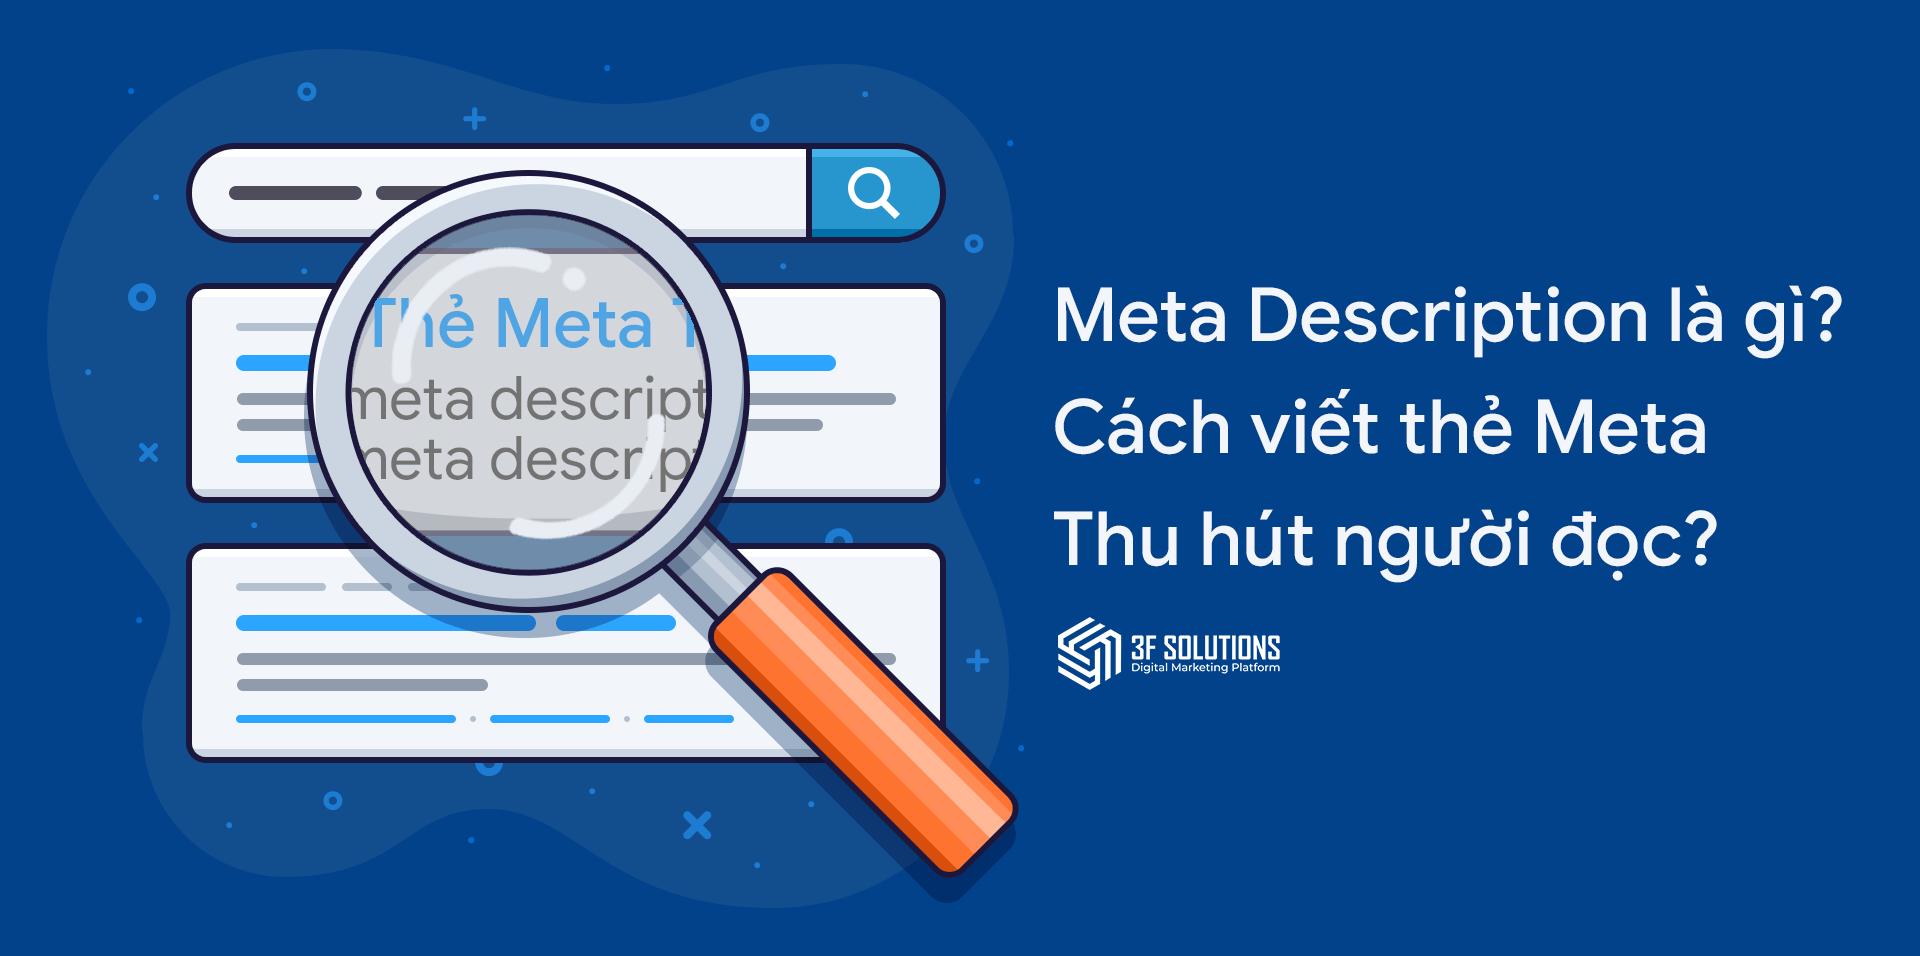 Meta Description là gì? Điều bạn cần biết